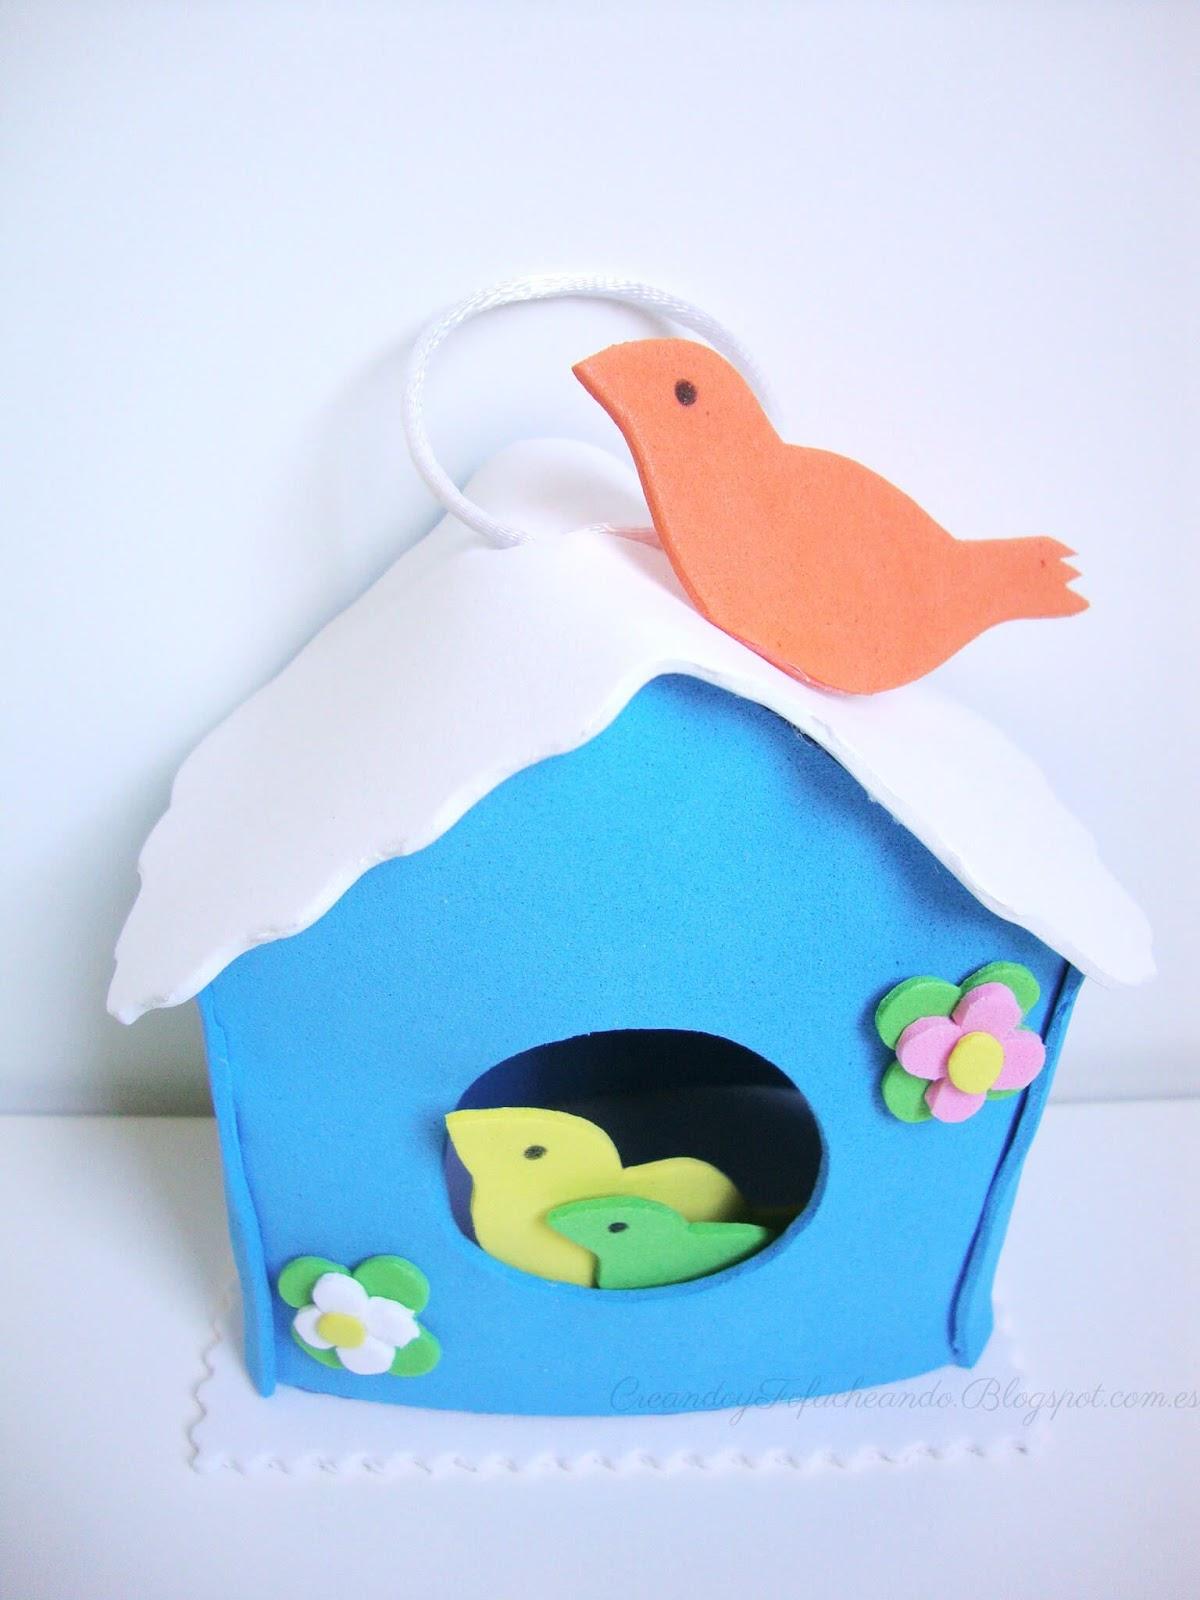 Esta es mi casita nido para p jaros de goma eva - Casita para pajaros ...